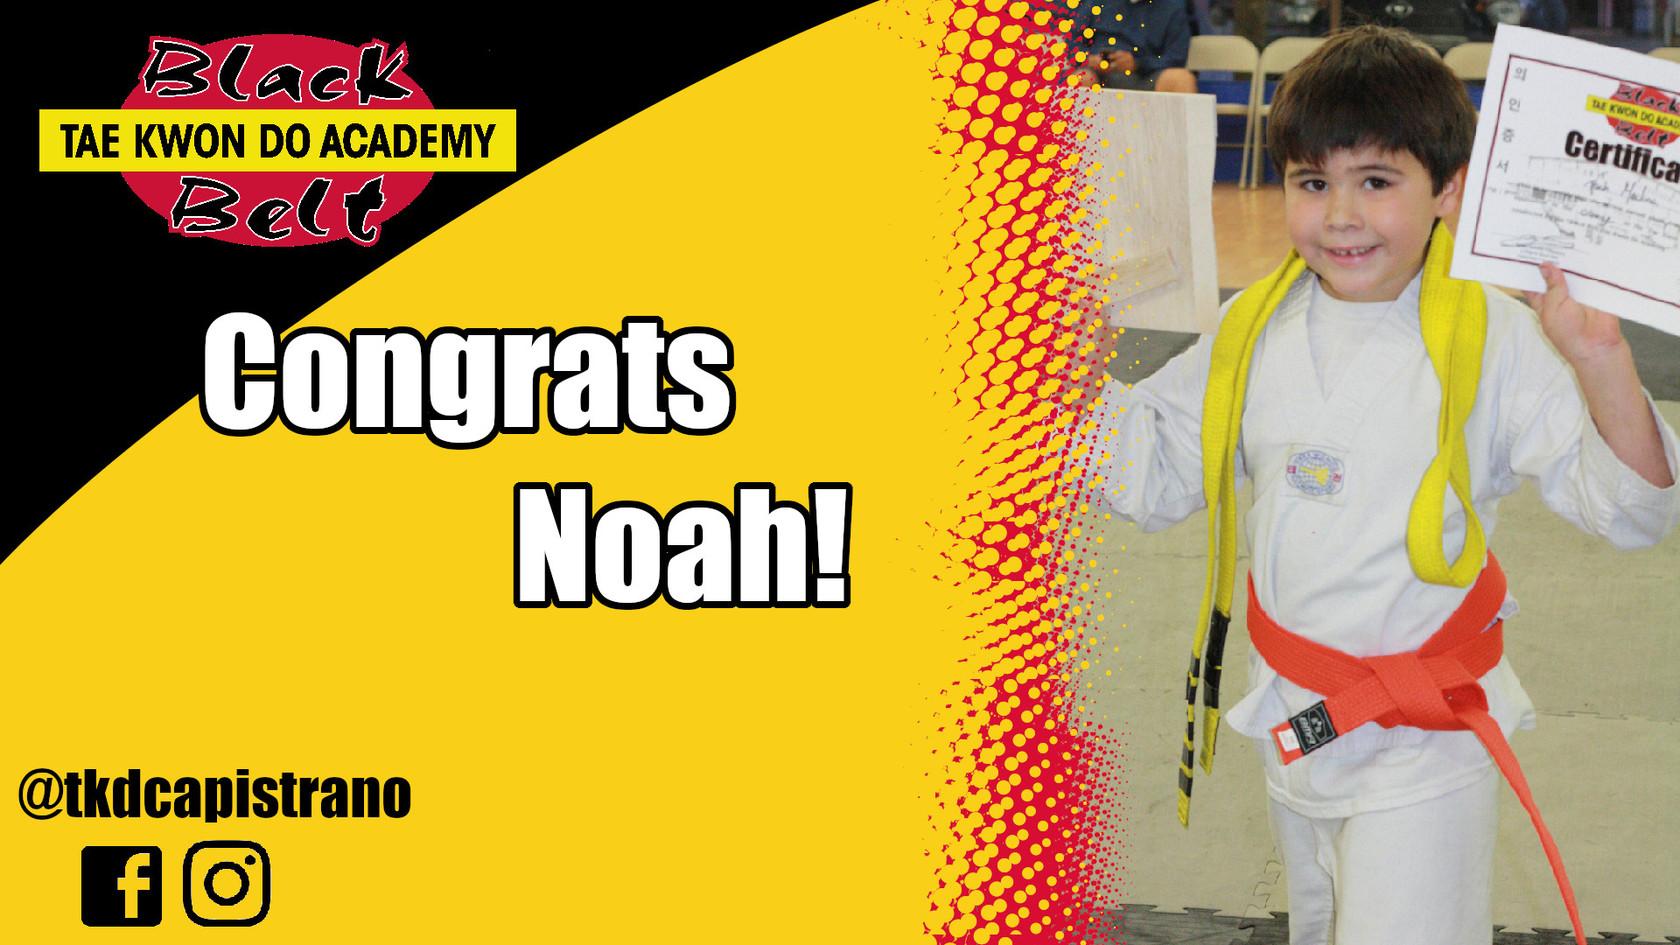 Congrats Noah